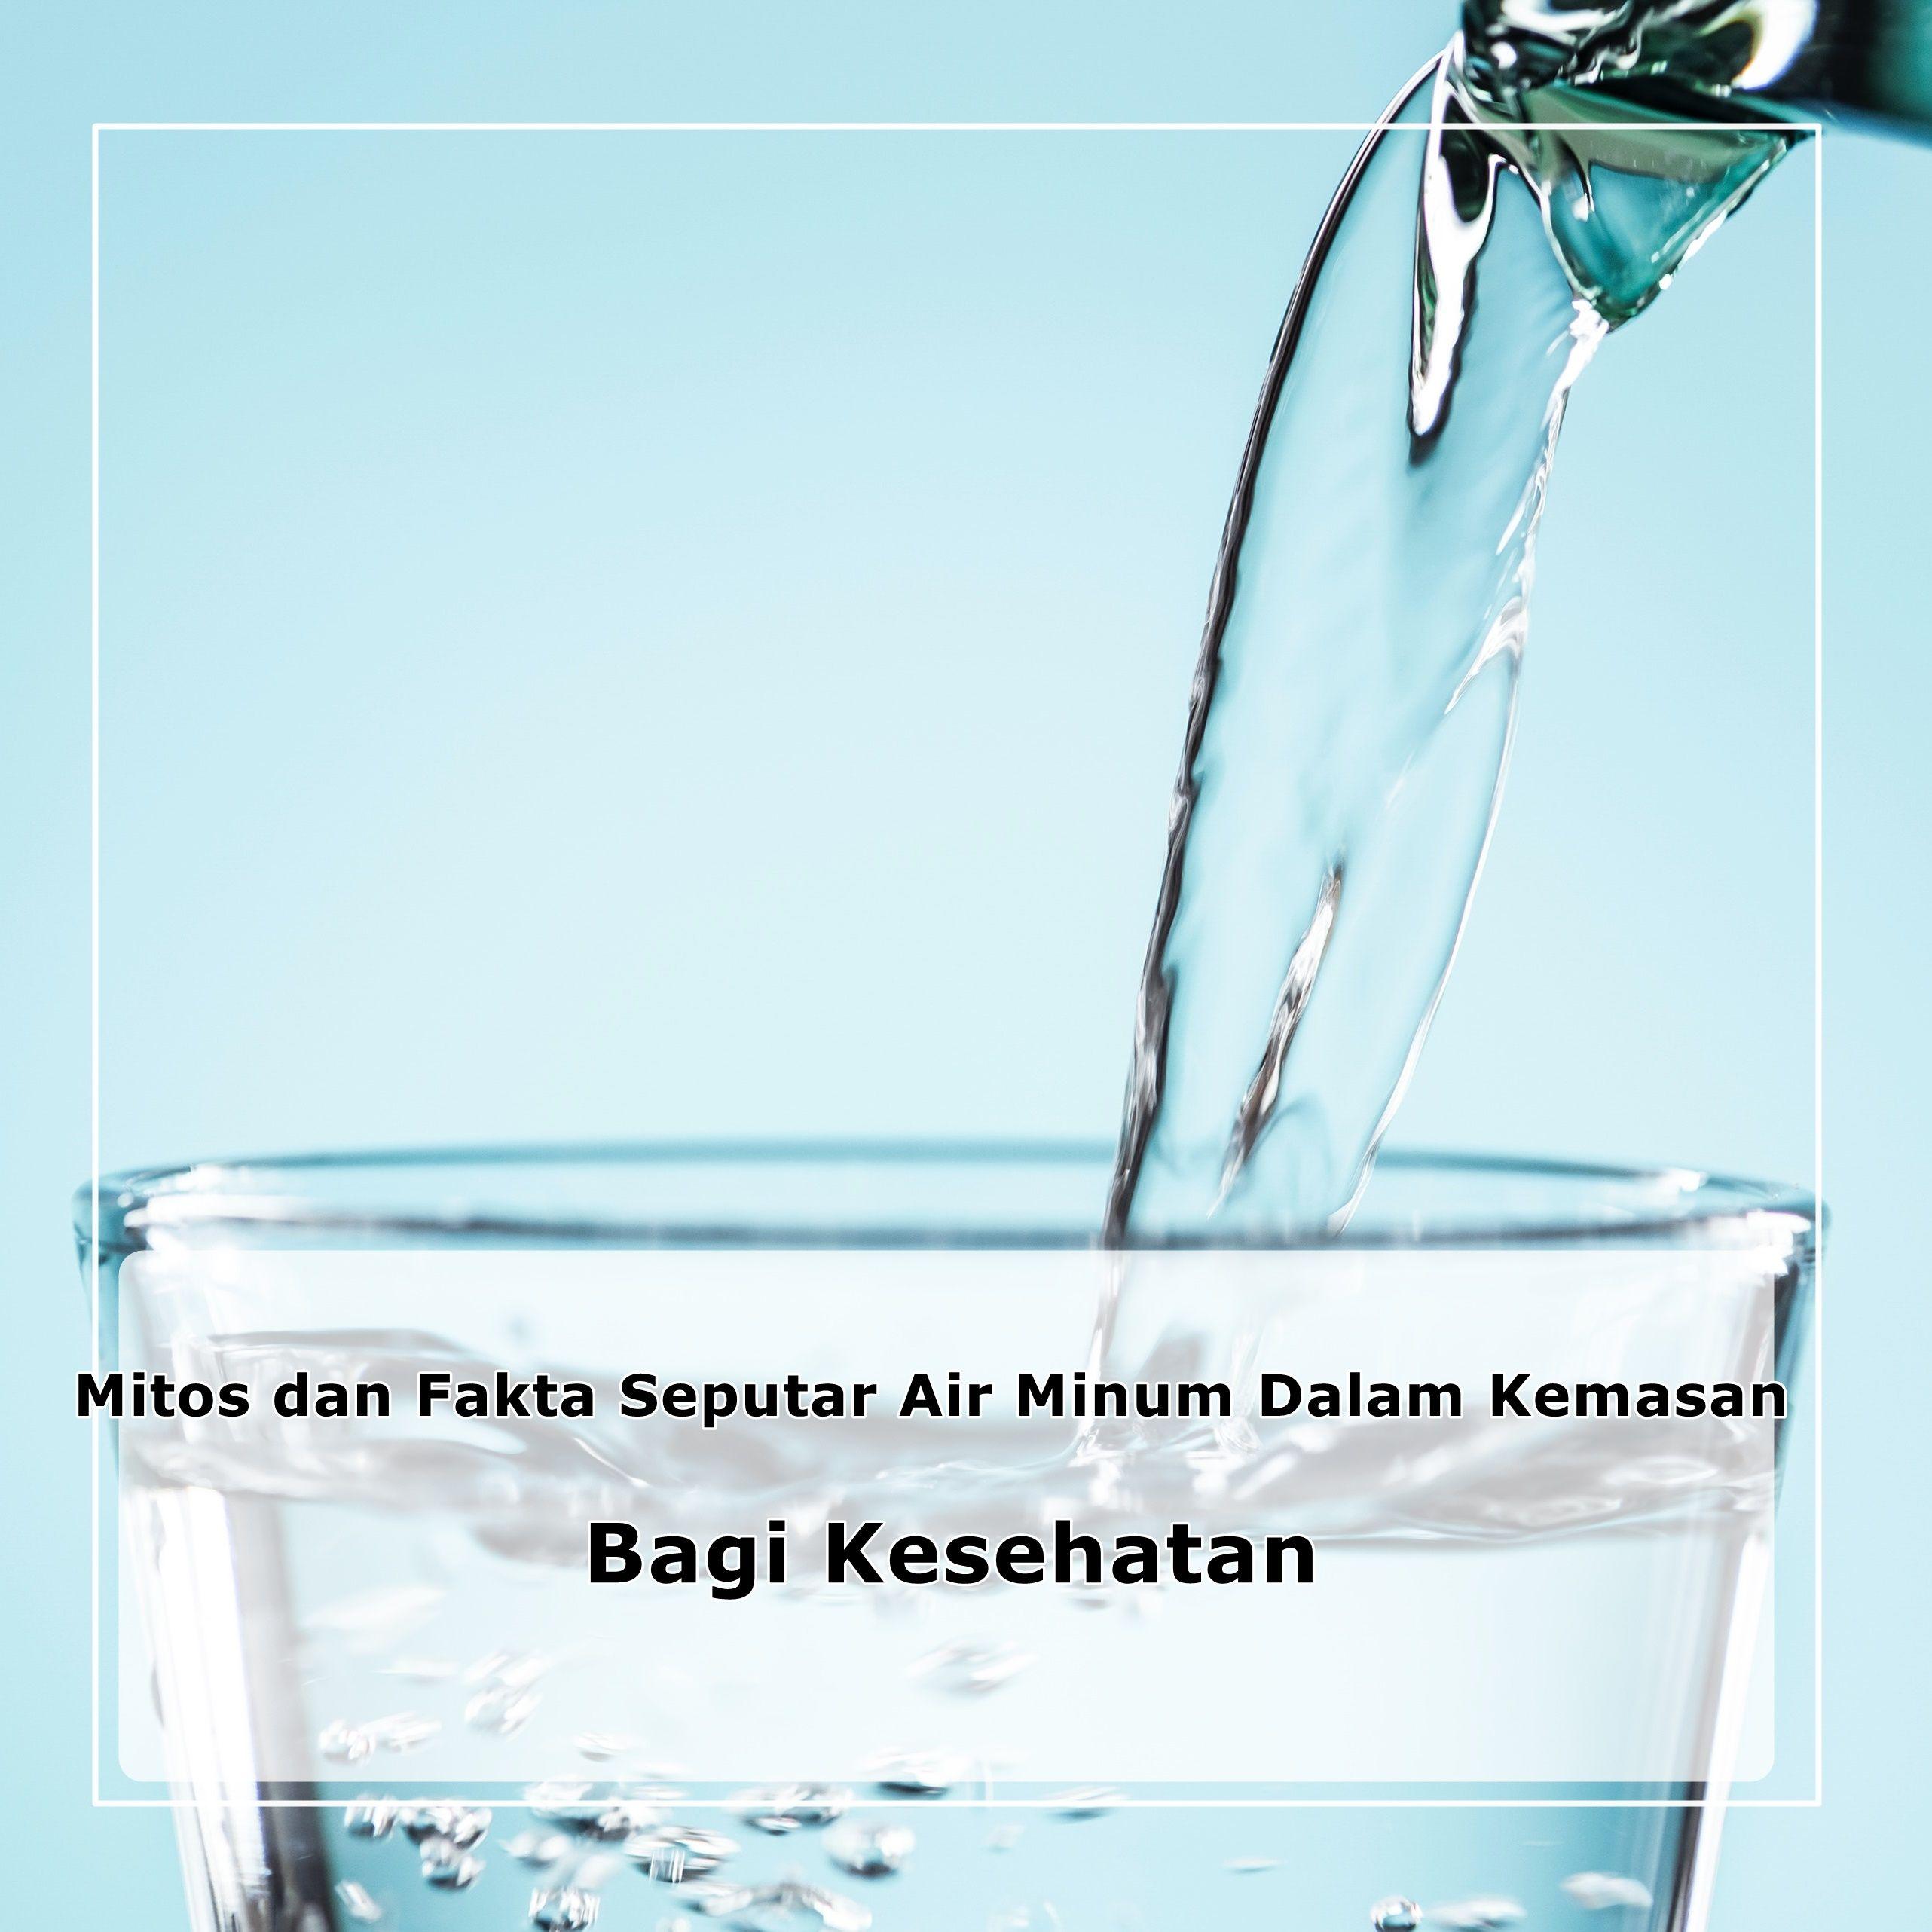 mitos dan fakta seputar air minum bagi kesehatan